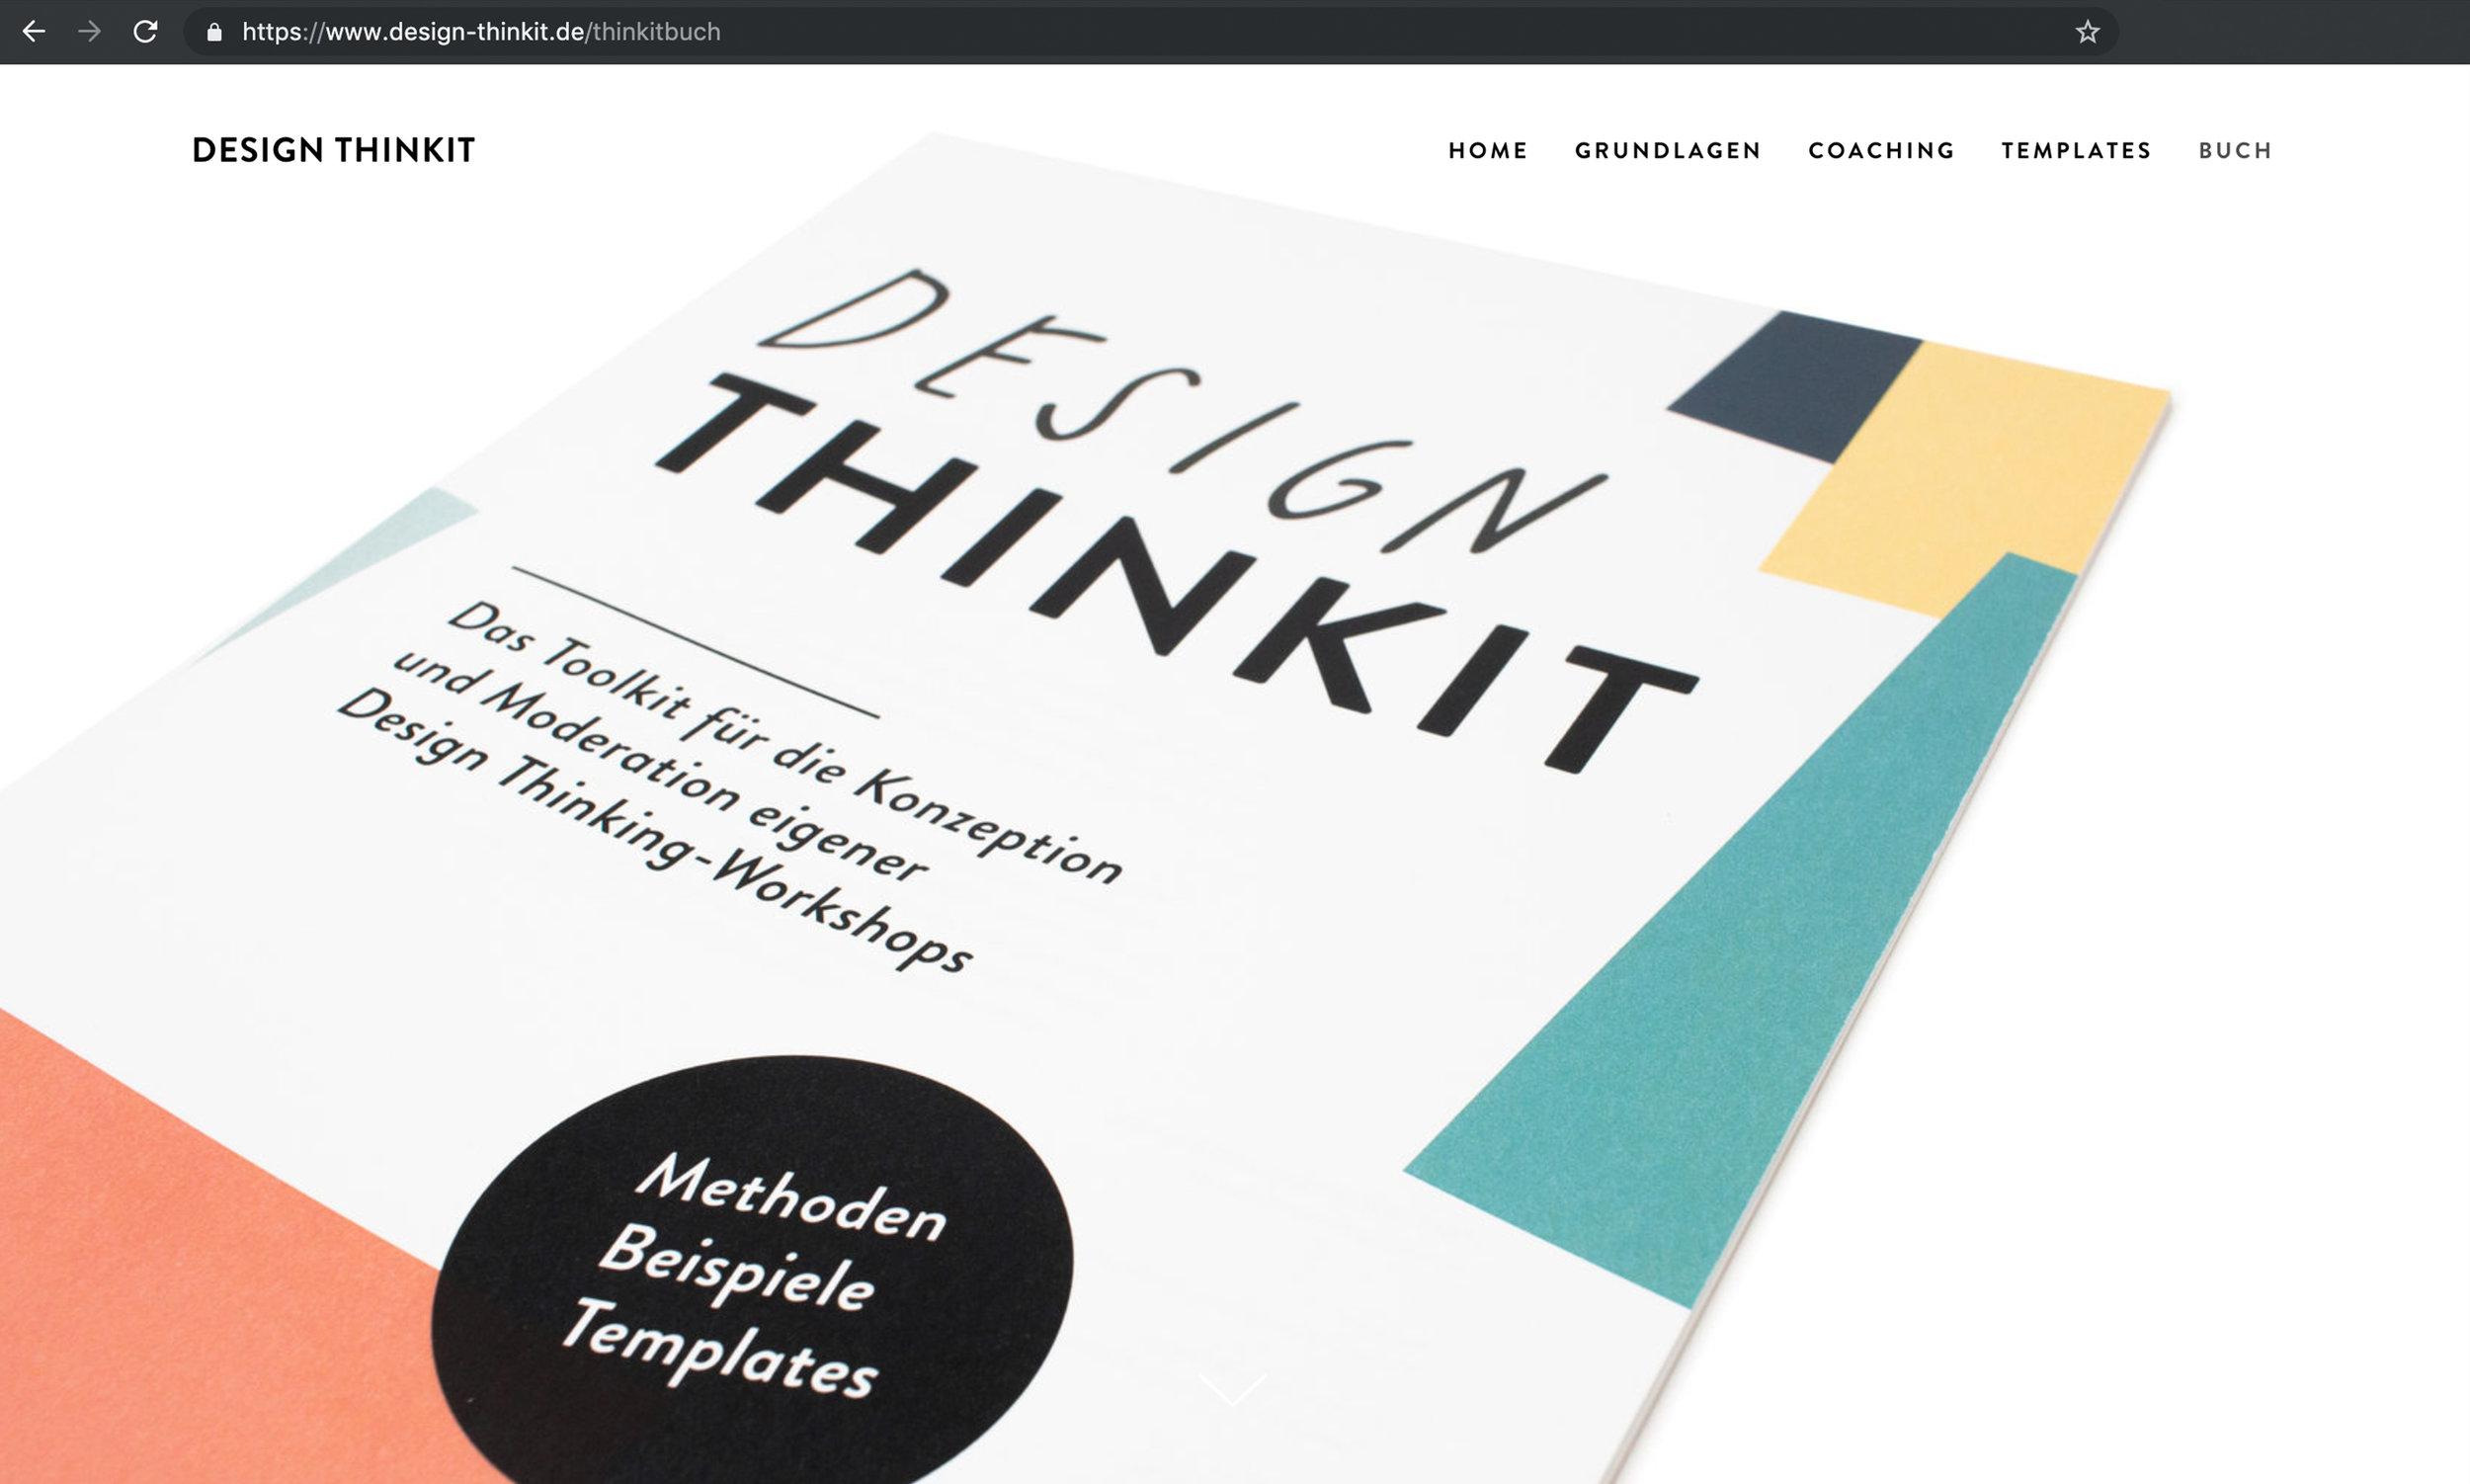 design-thinkit-website-buch-screenshot.jpg